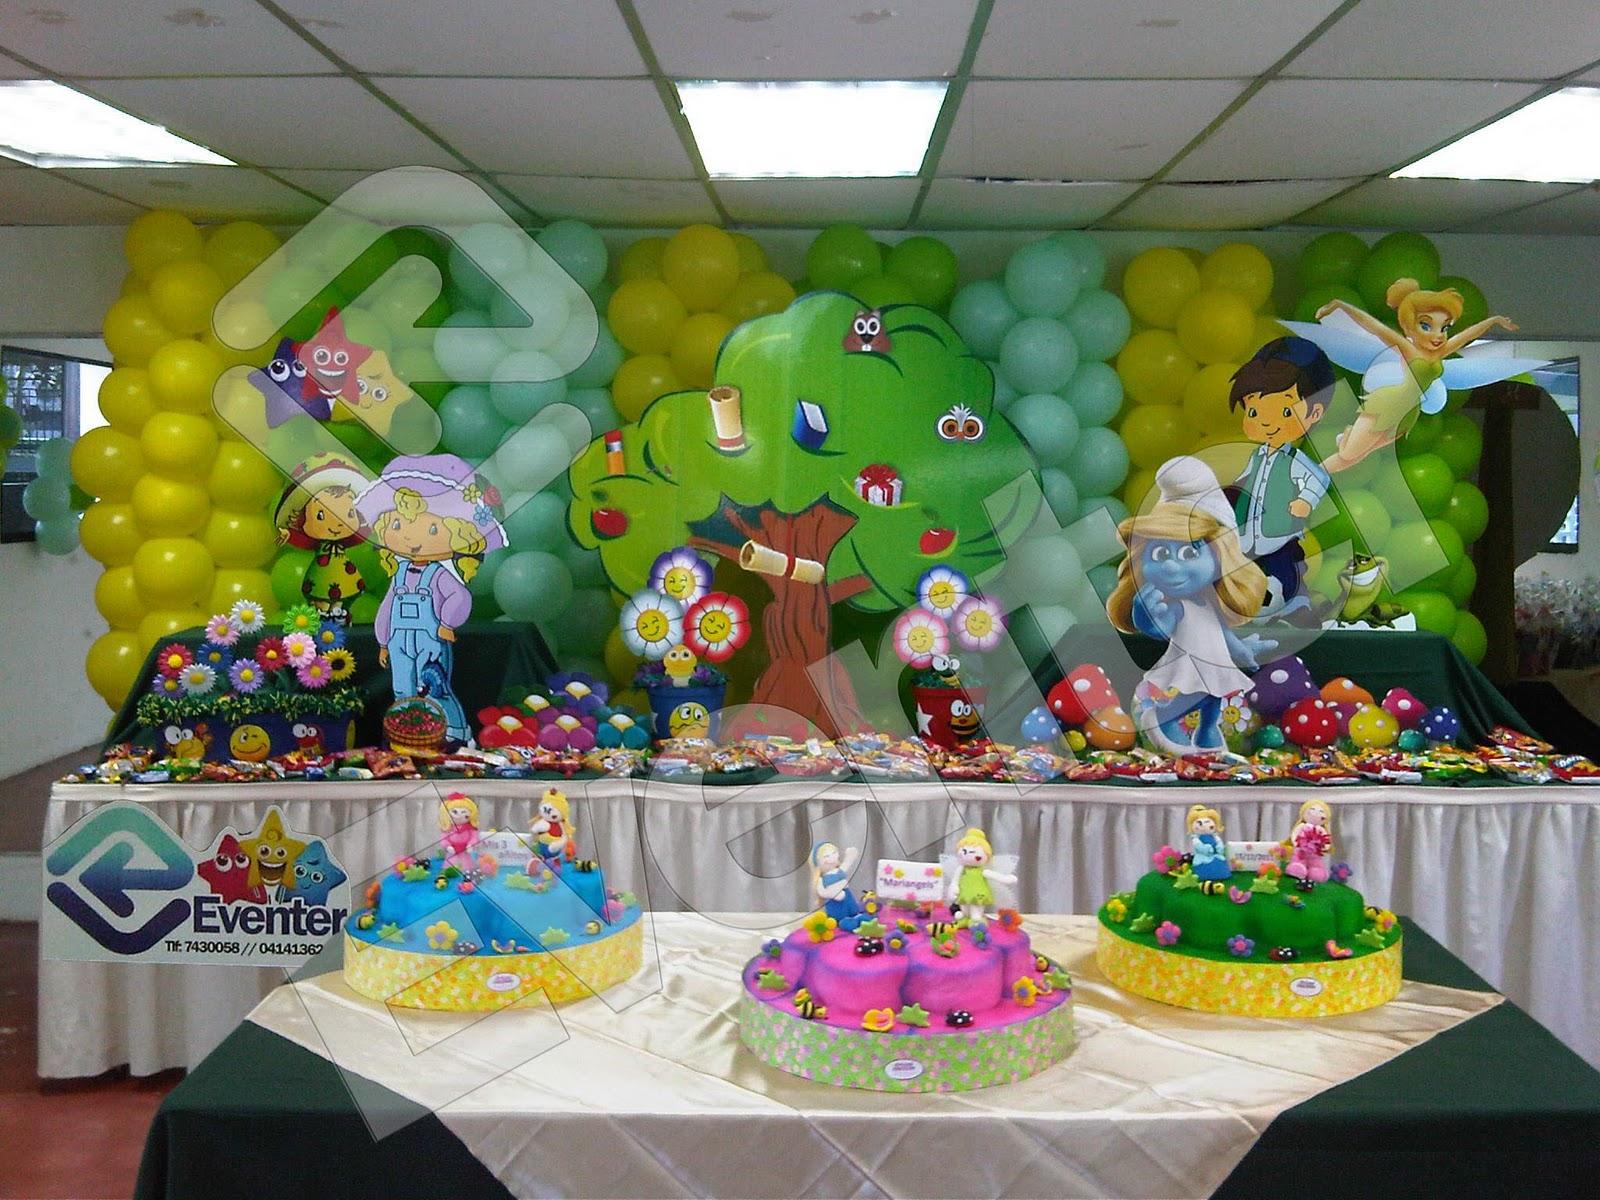 Pin centro mesas infantiles todo para sus fiestas bsf - Decoracion del jardin ...